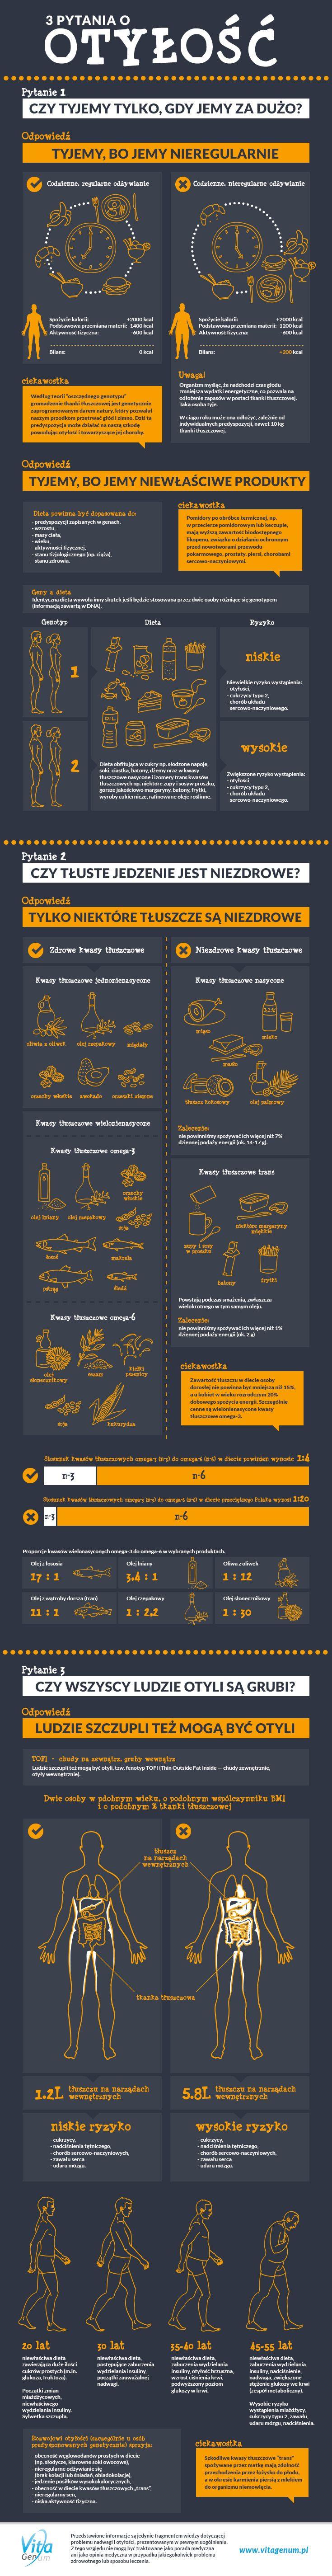 3 pytania o otyłość infografika VitaGenum